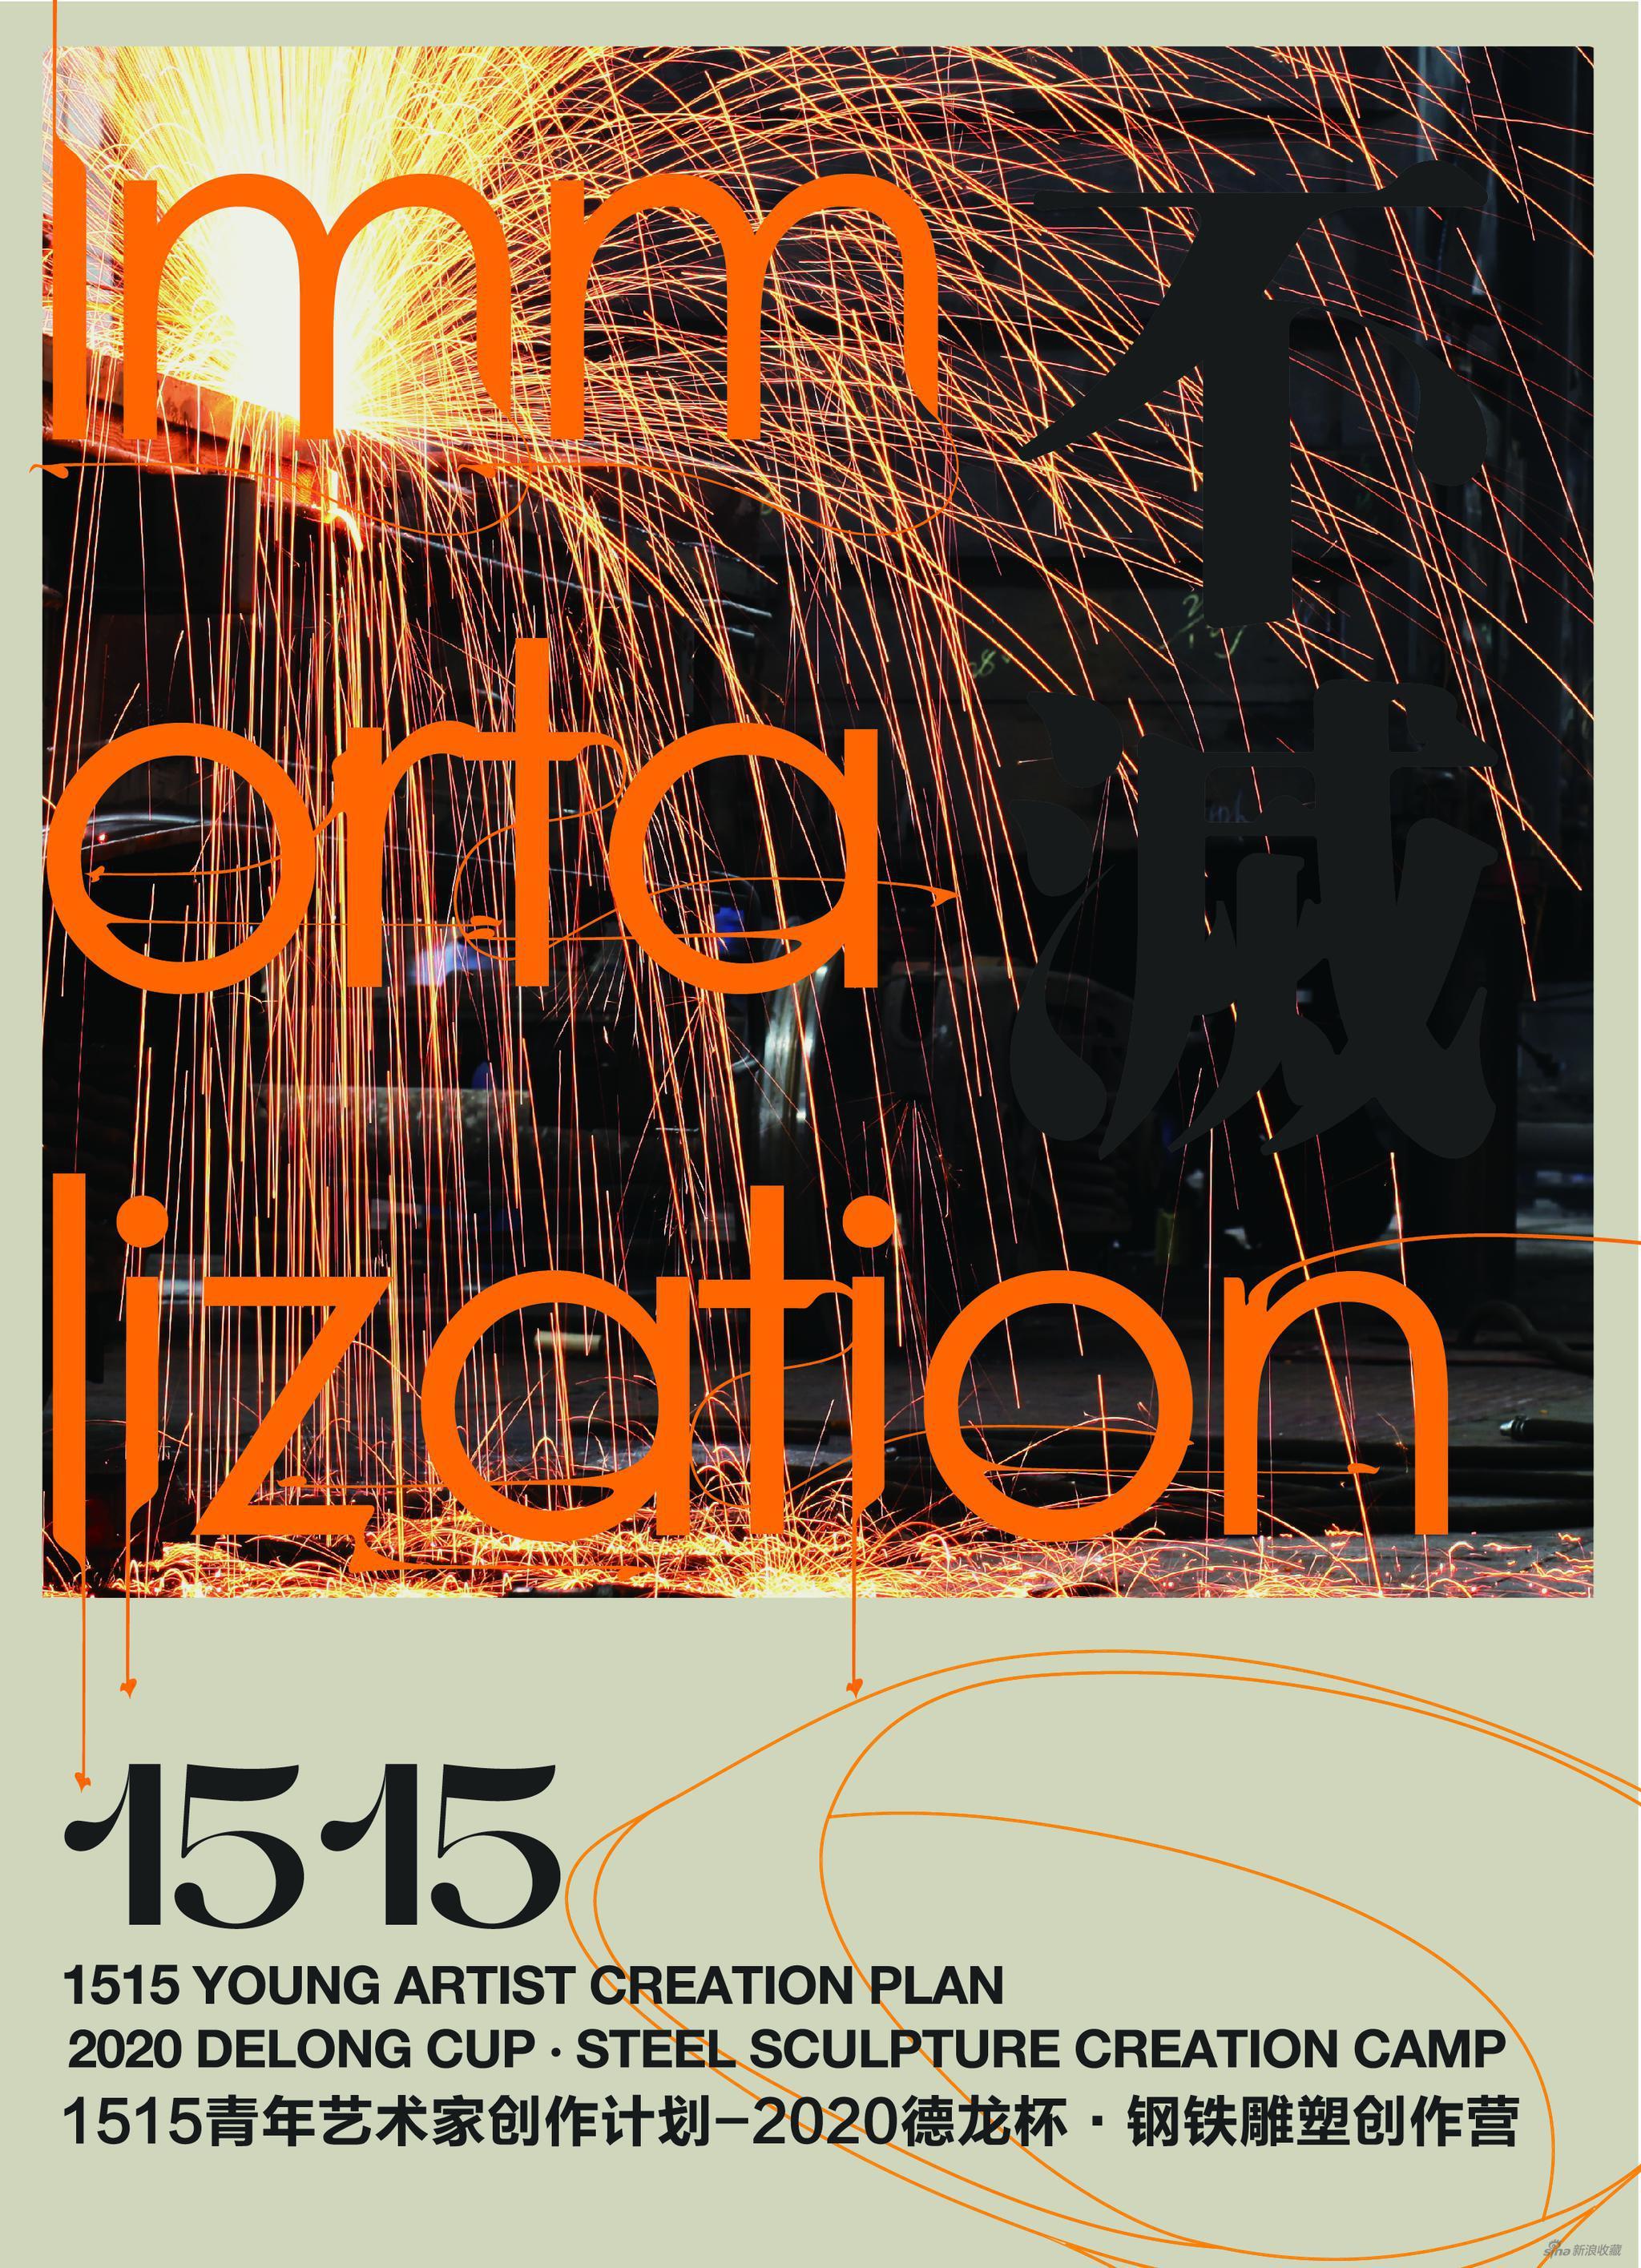 不灭·1515青年艺术家创作计划——2020德龙杯·钢铁雕塑创作营